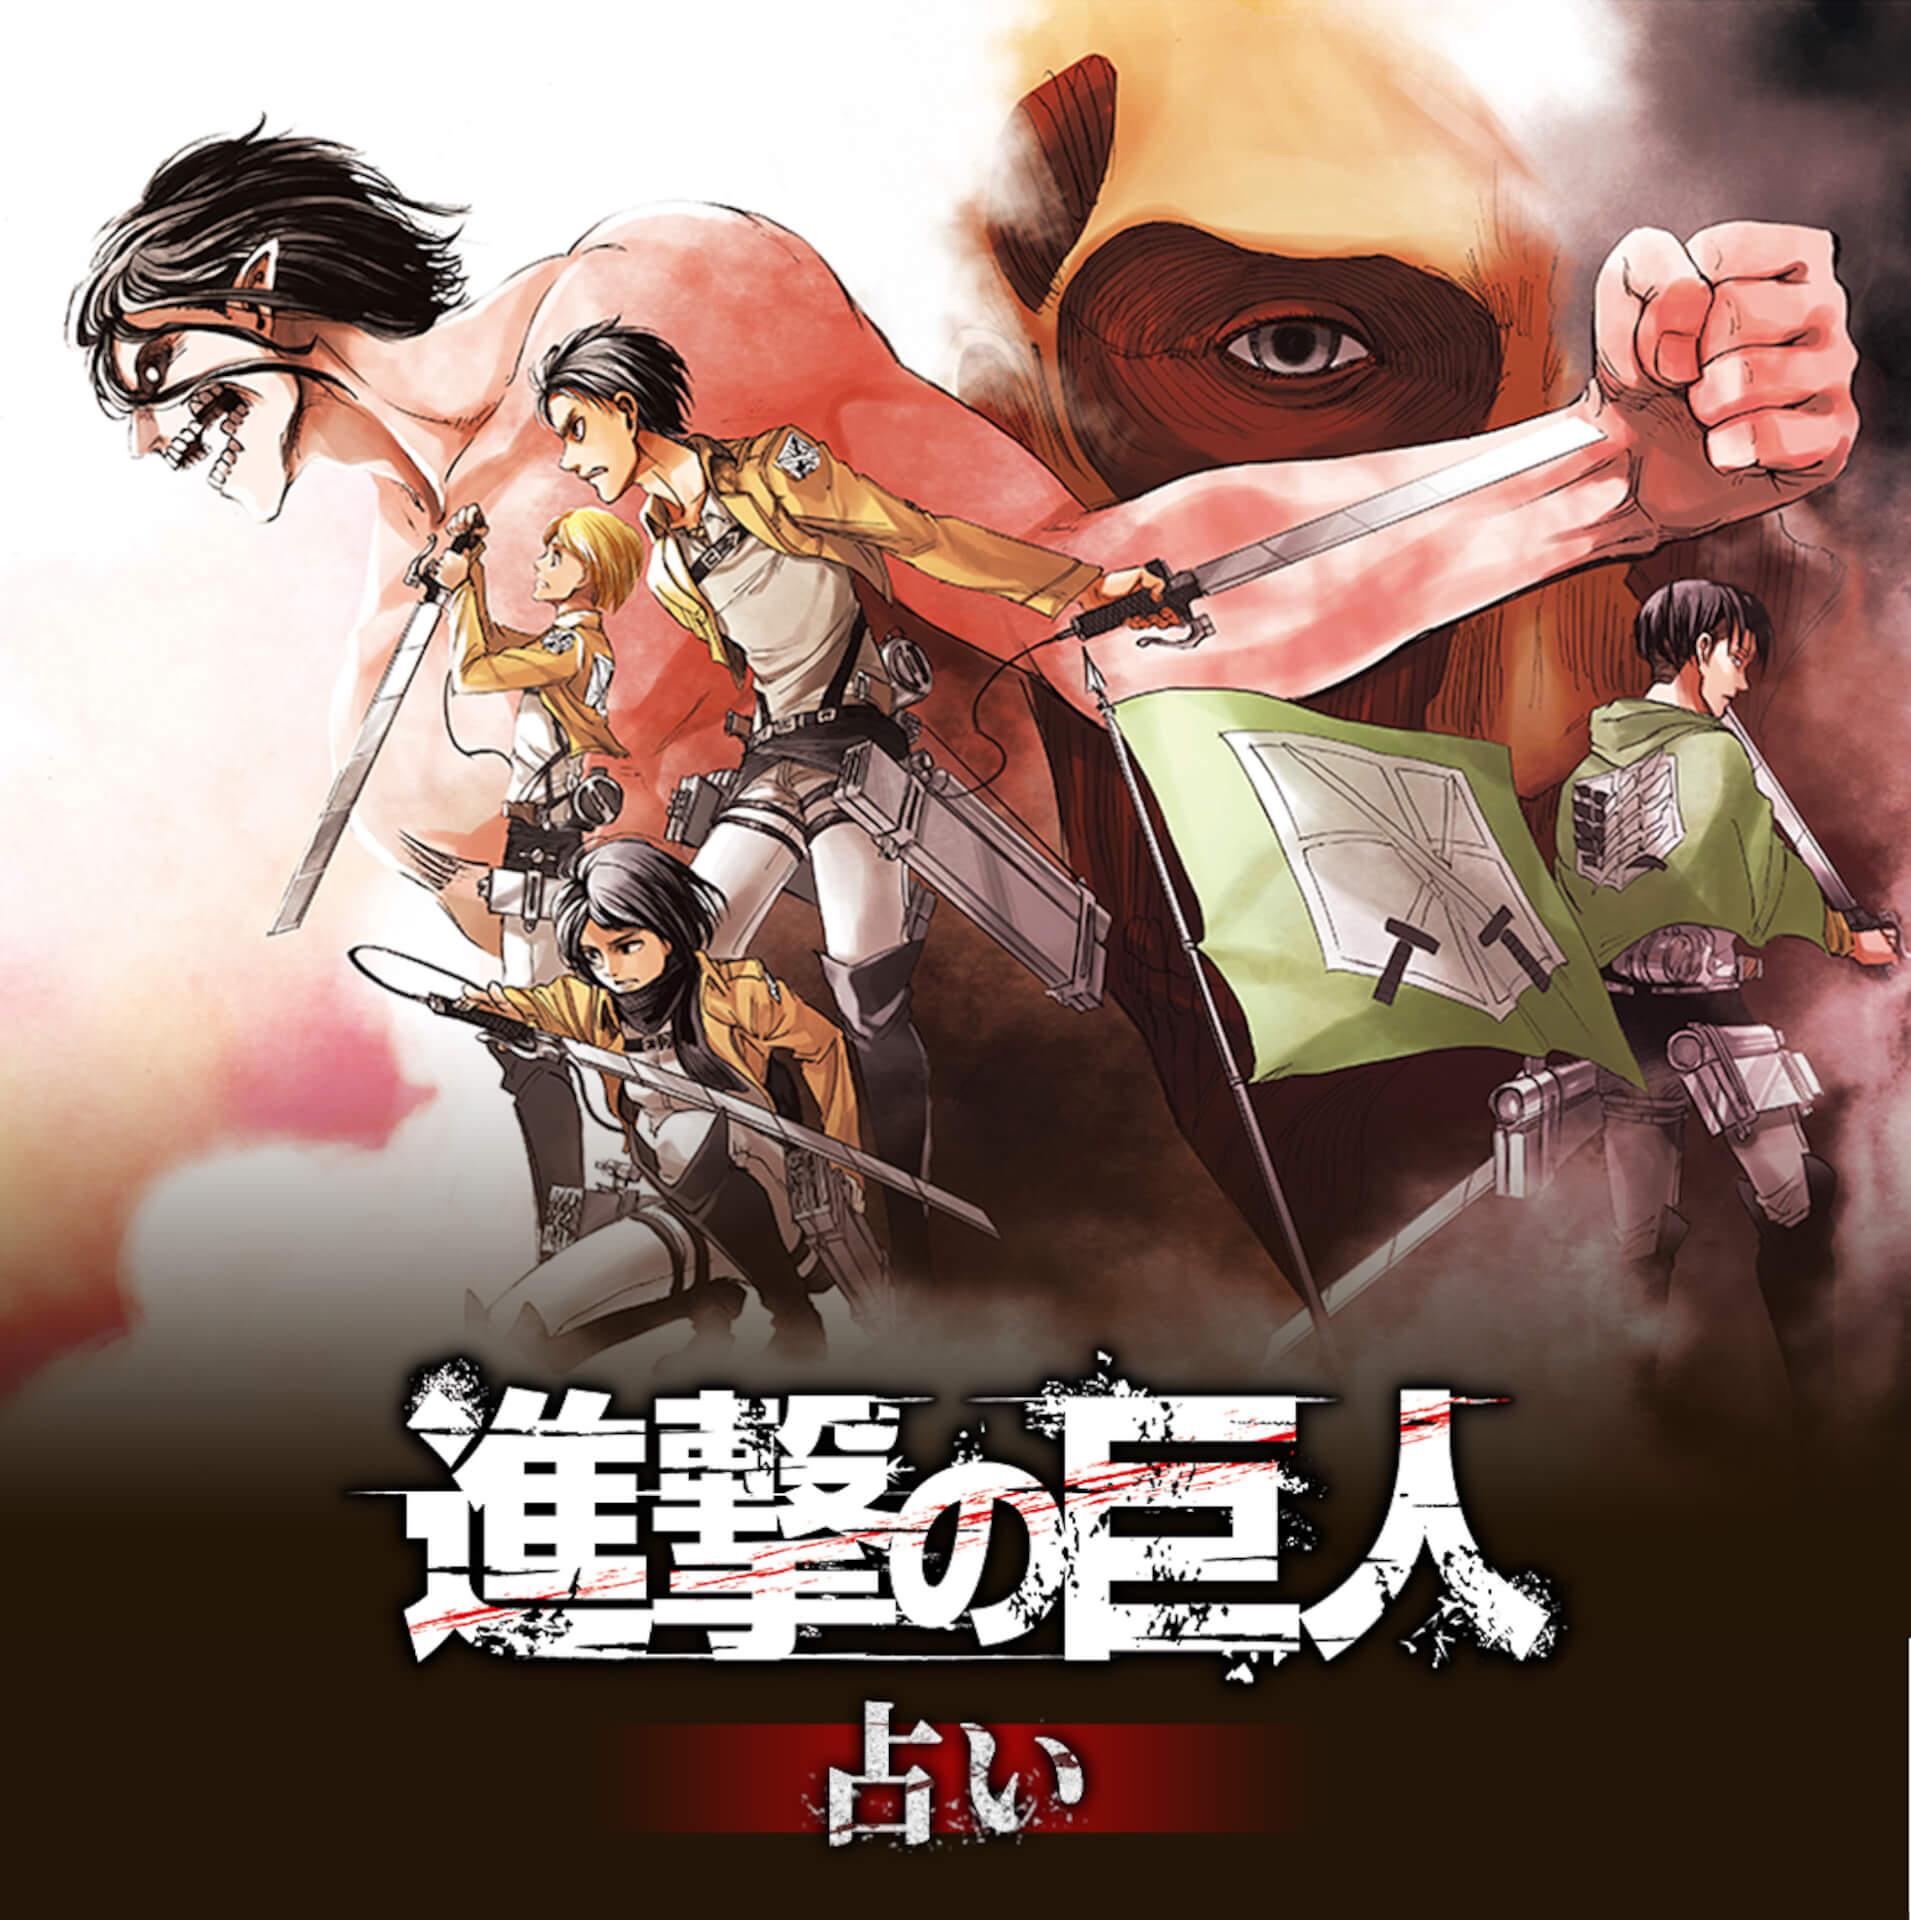 あなたは一体どの進撃の巨人キャラの性格?『進撃の巨人』×NET ViViスペシャル特集で『進撃の巨人占い』など公開! art191003_shingekinokyojin_vivi_3